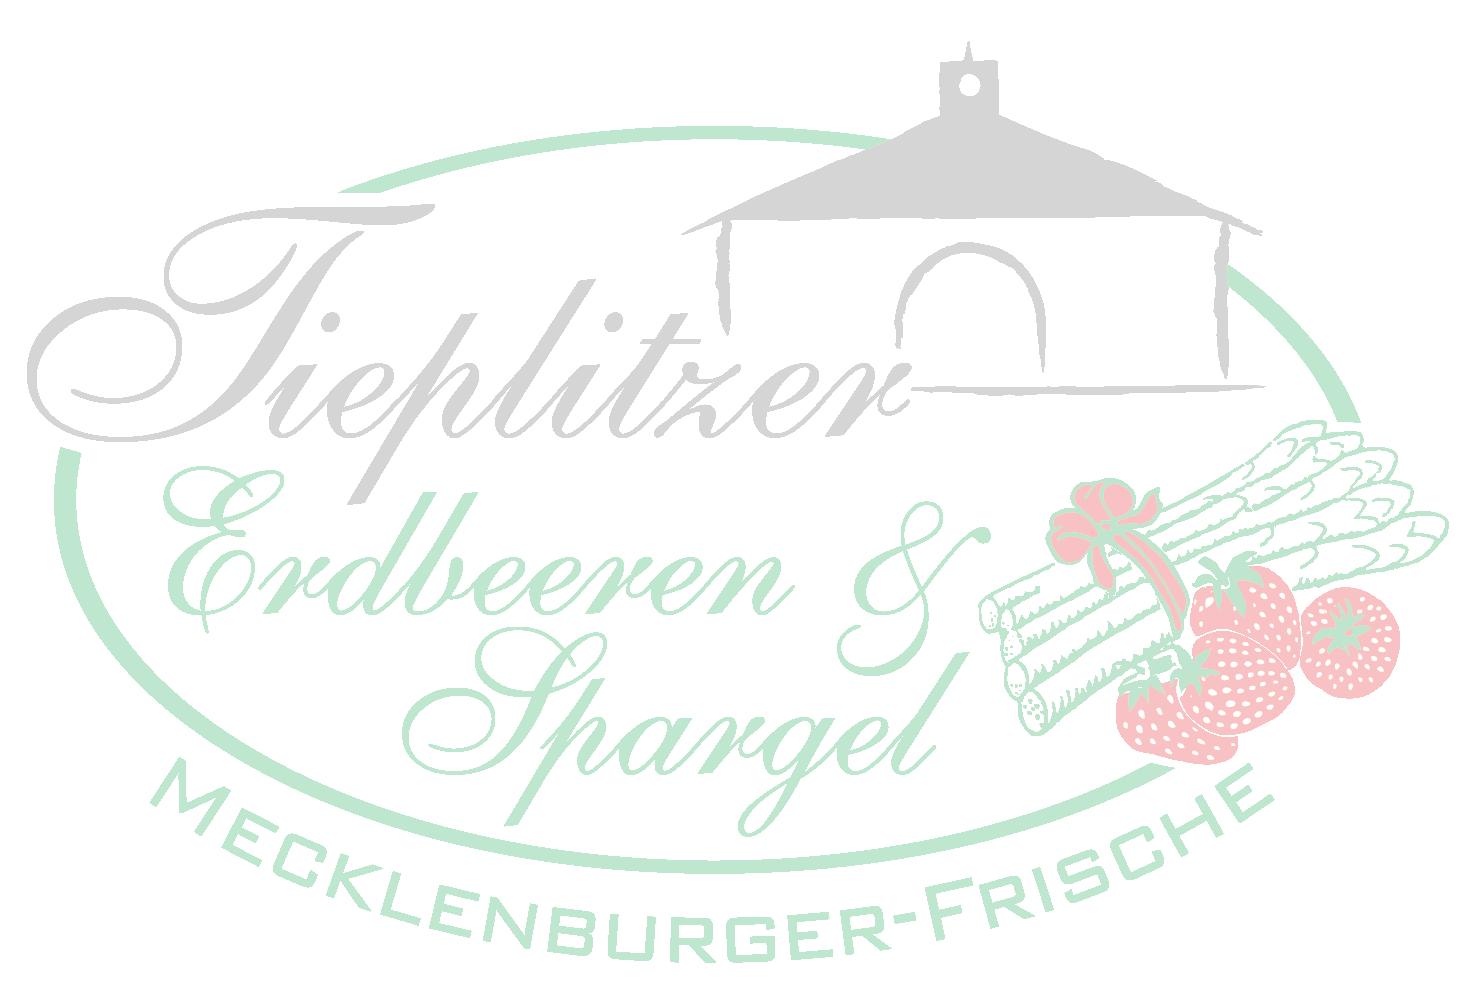 Tieplitzer Erdbeer- u. Spaergelkulturen